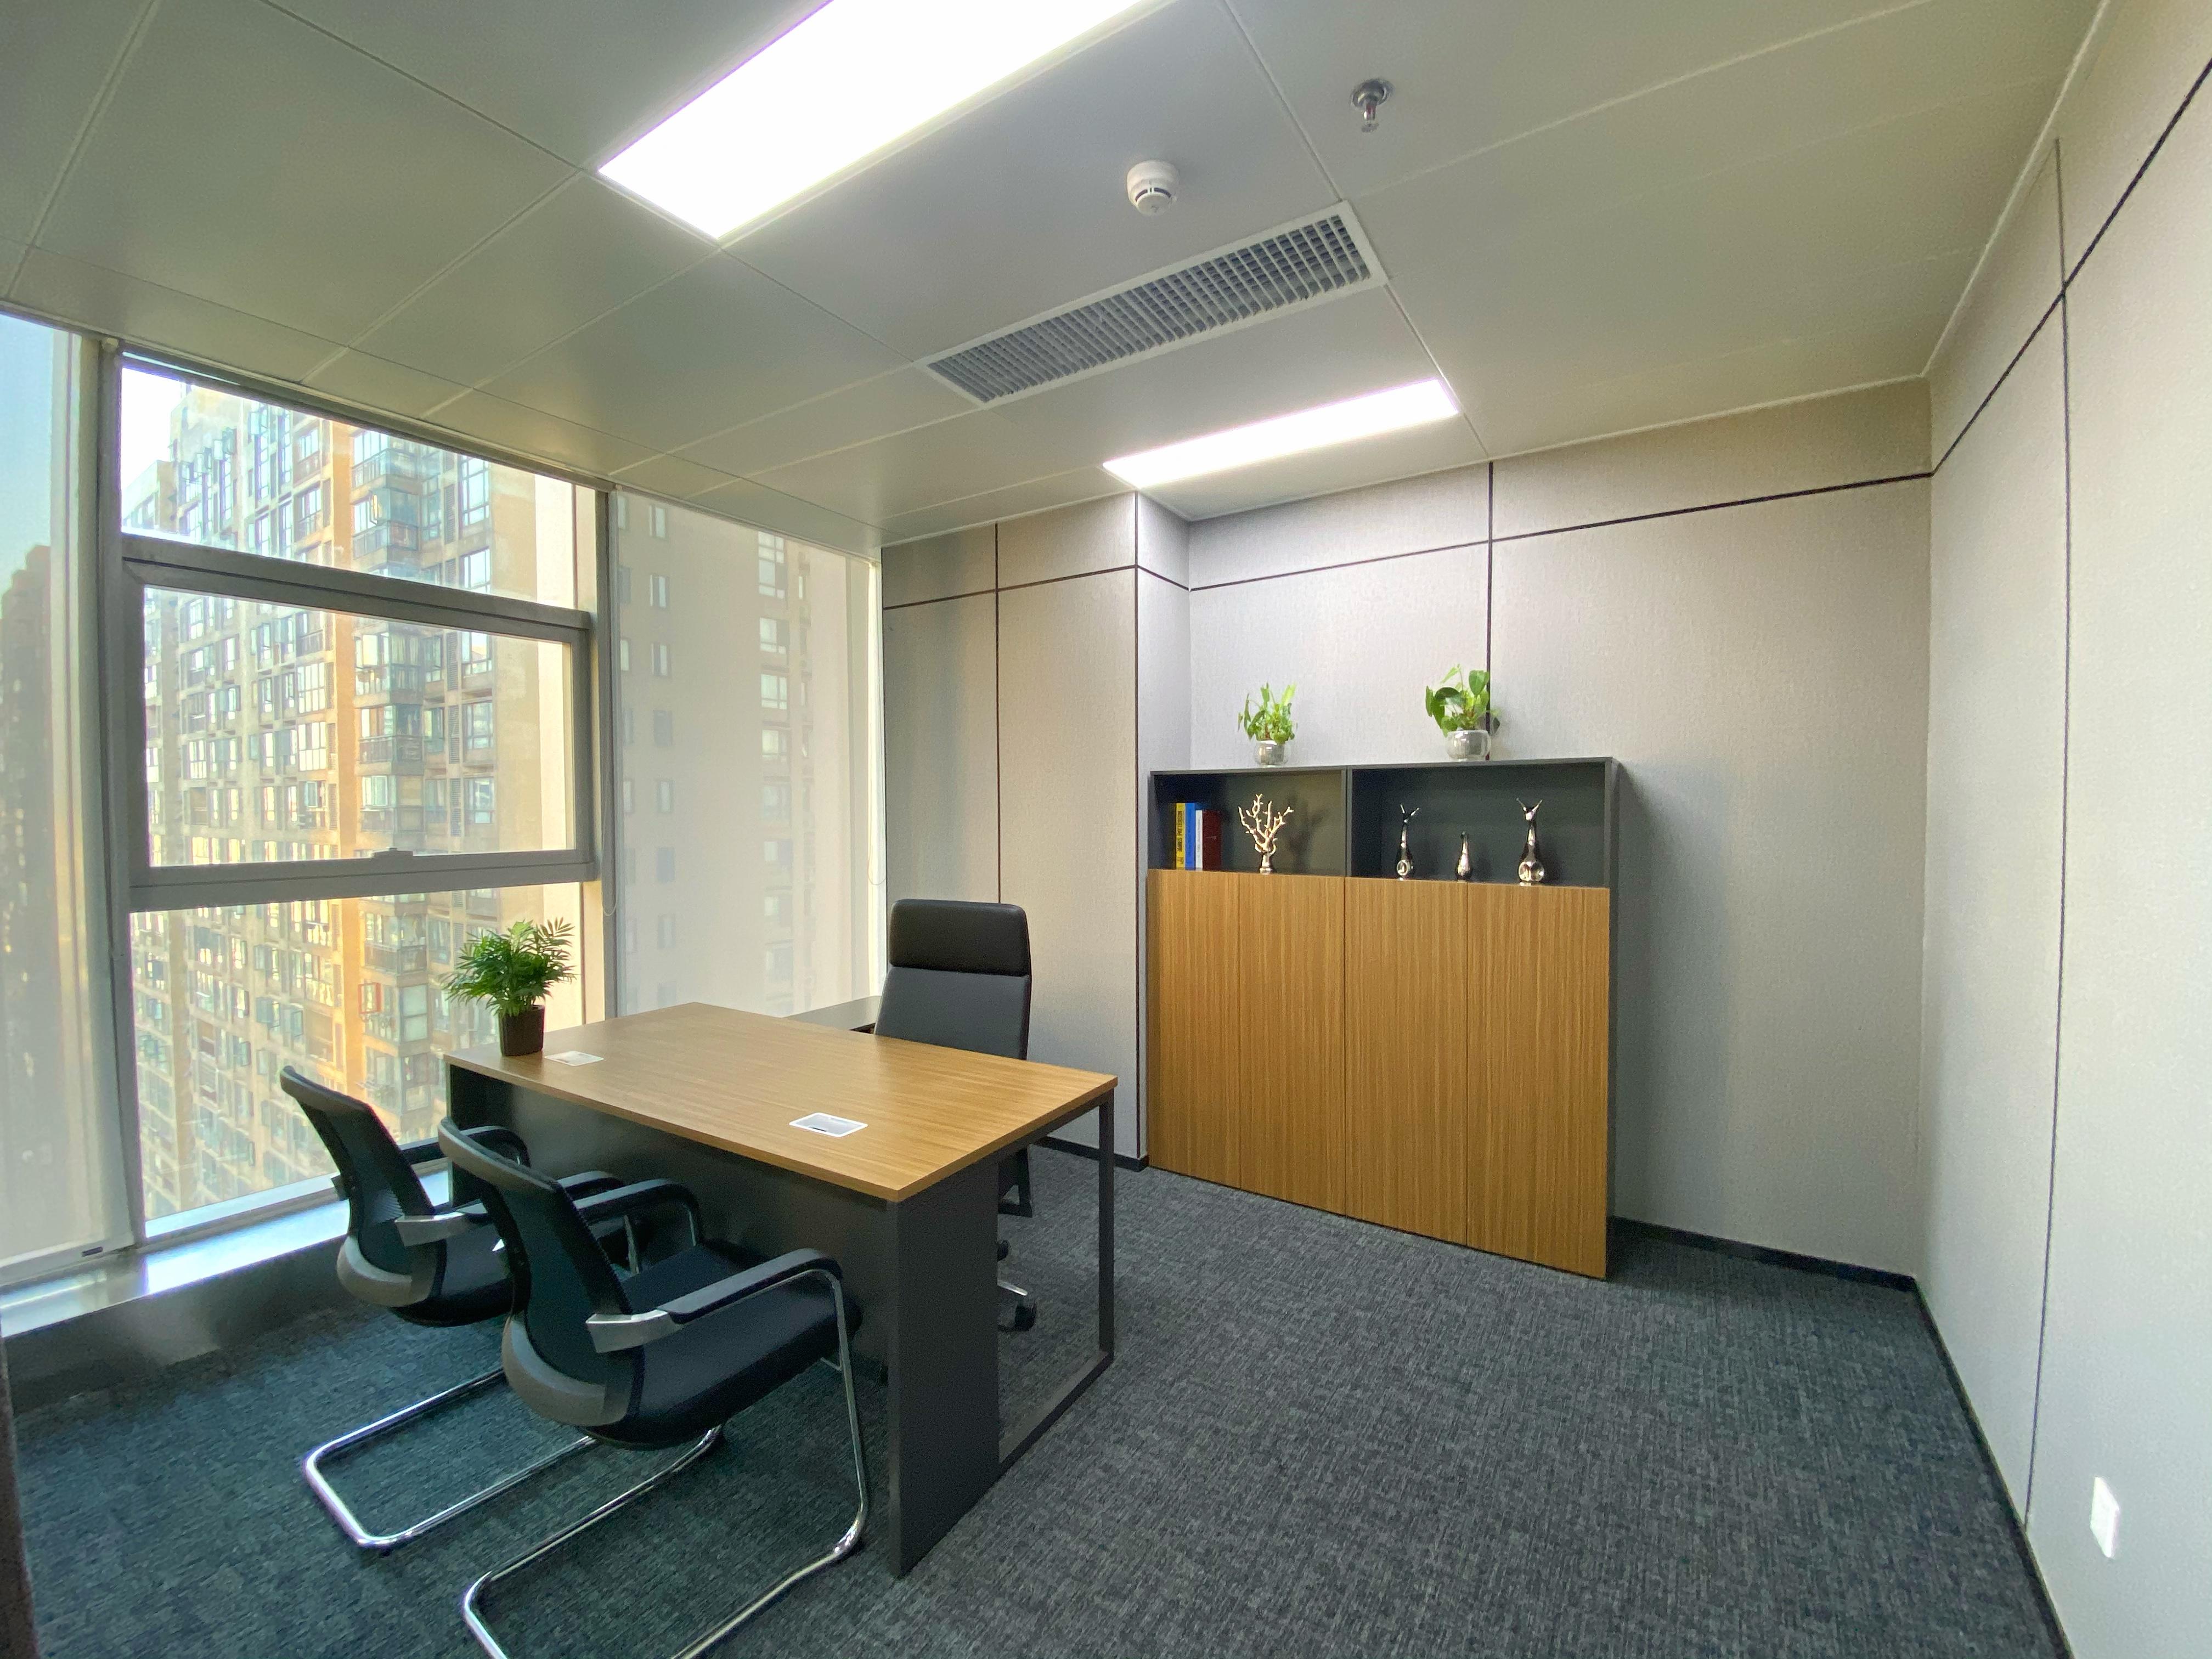 雨花亭,24H空调,万博汇126平全新精装带全套家具,拎包办公